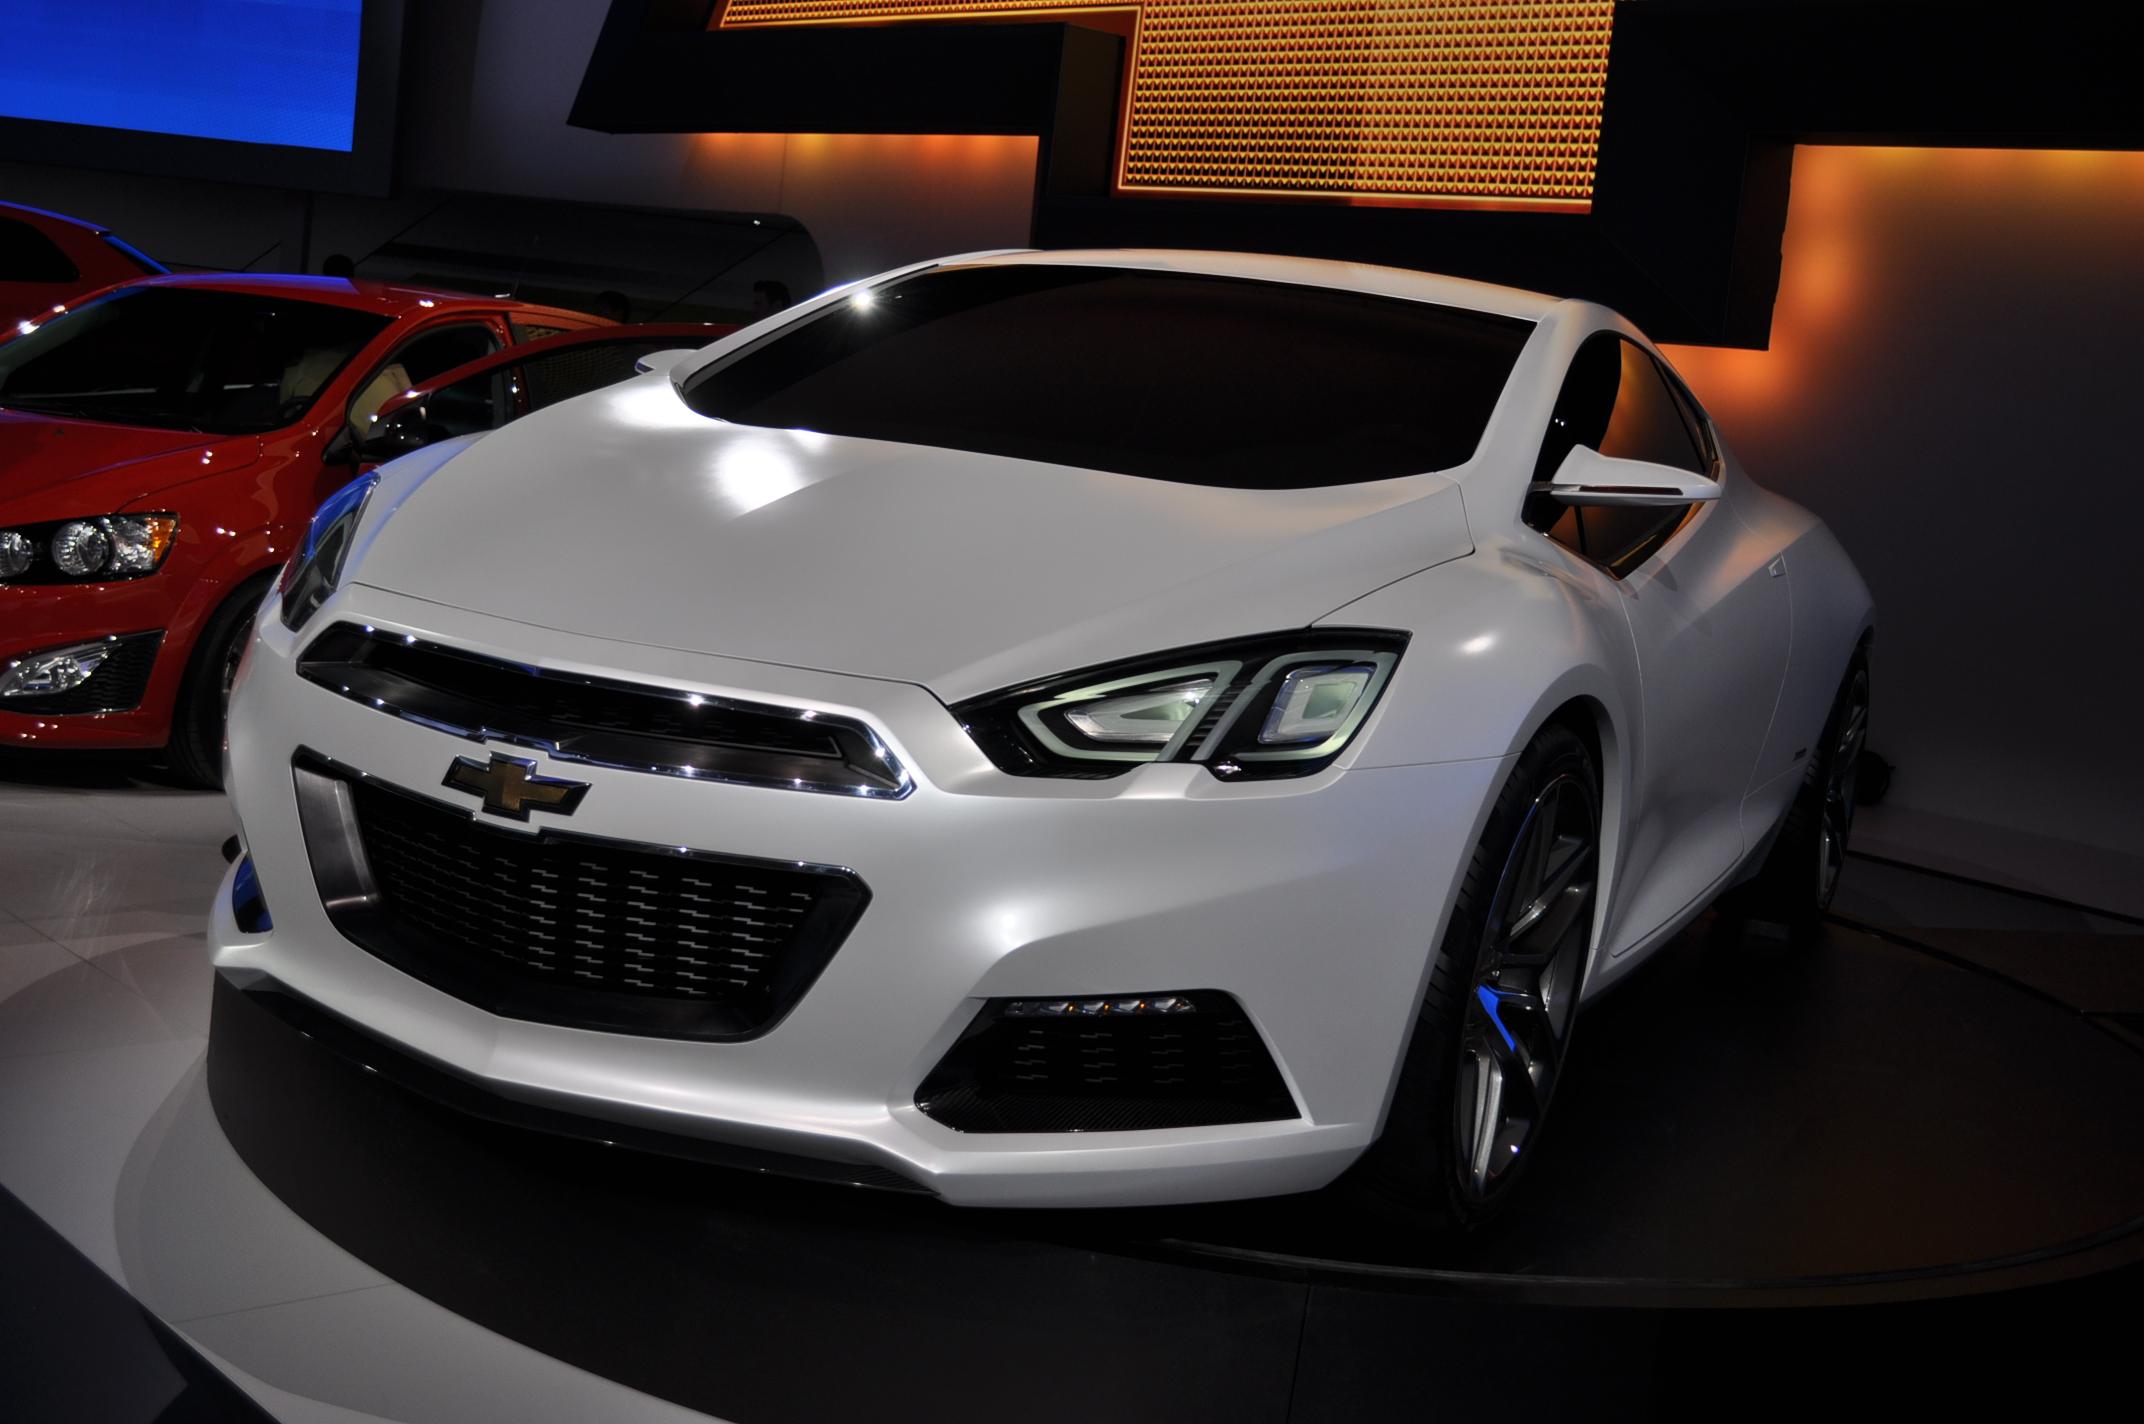 Chevrolet Tru 140s Concept Live Photos 2012 Detroit Auto Show